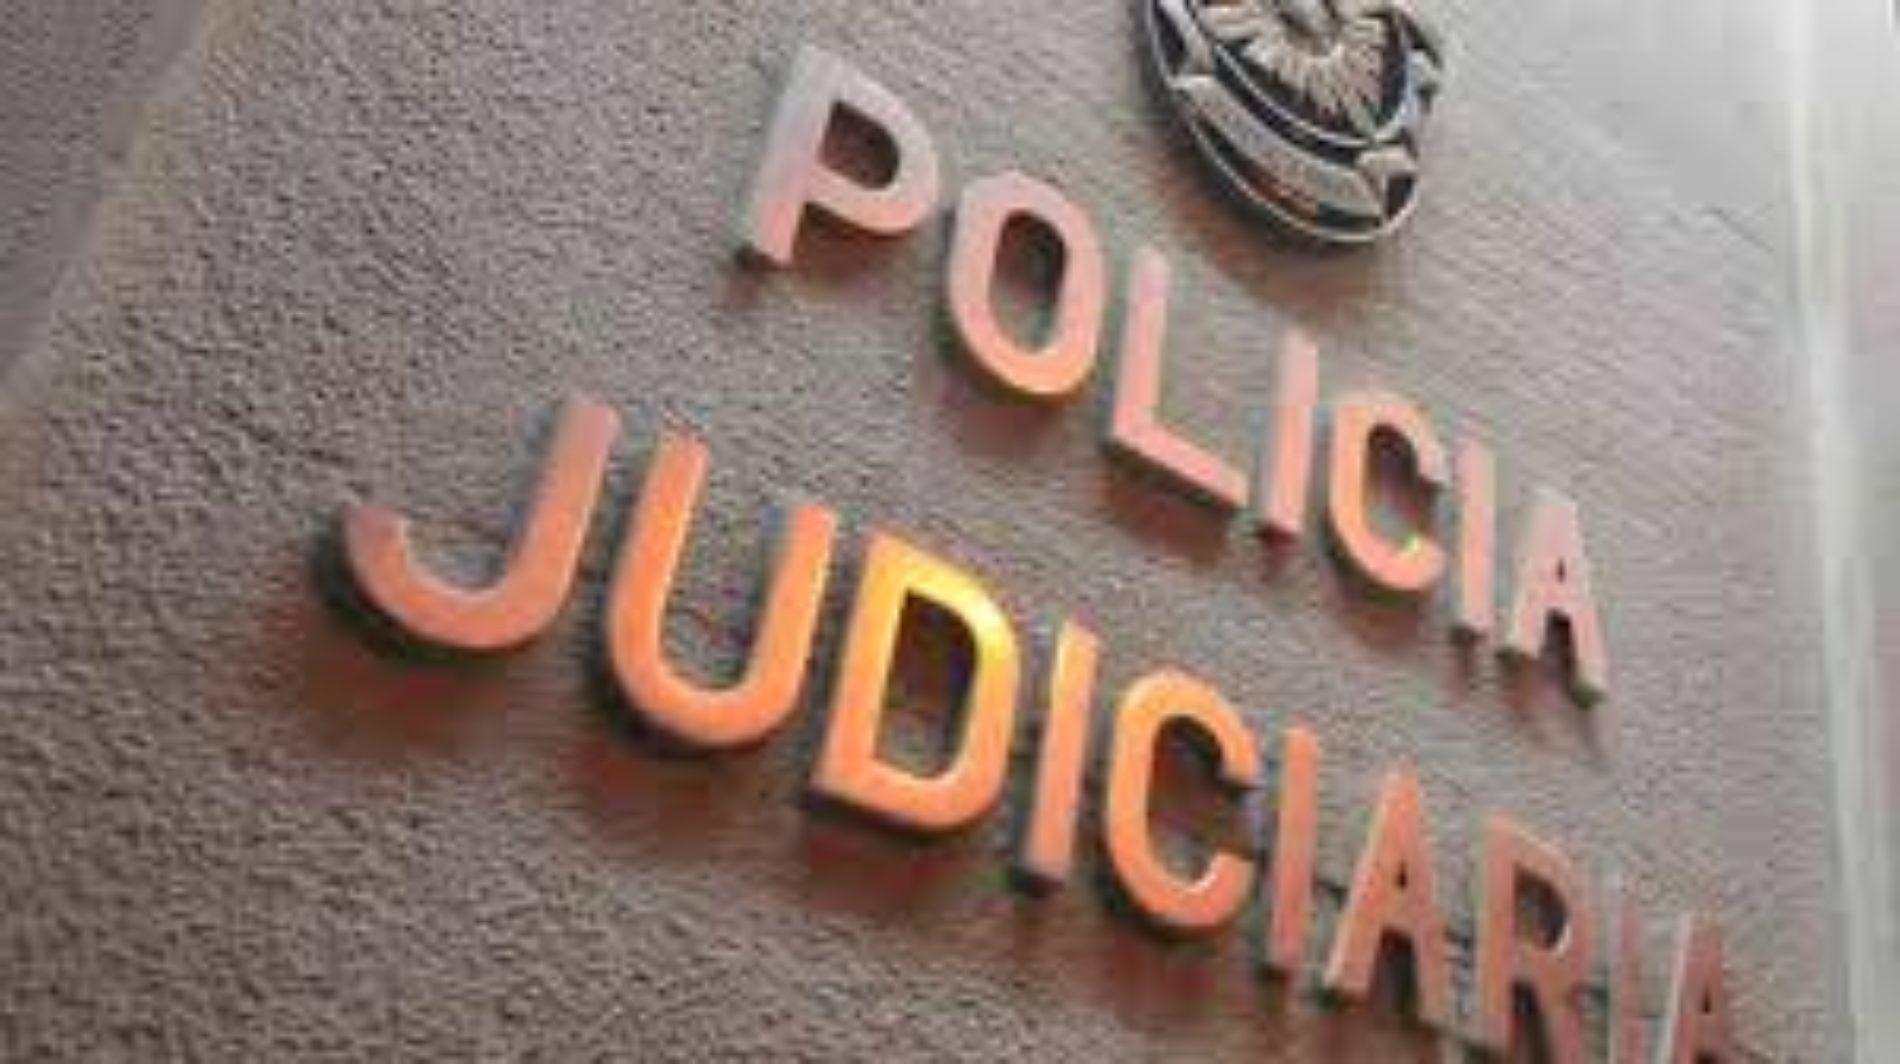 Viseu: PJ deteve suspeitos da autoria do crime de rapto e roubo